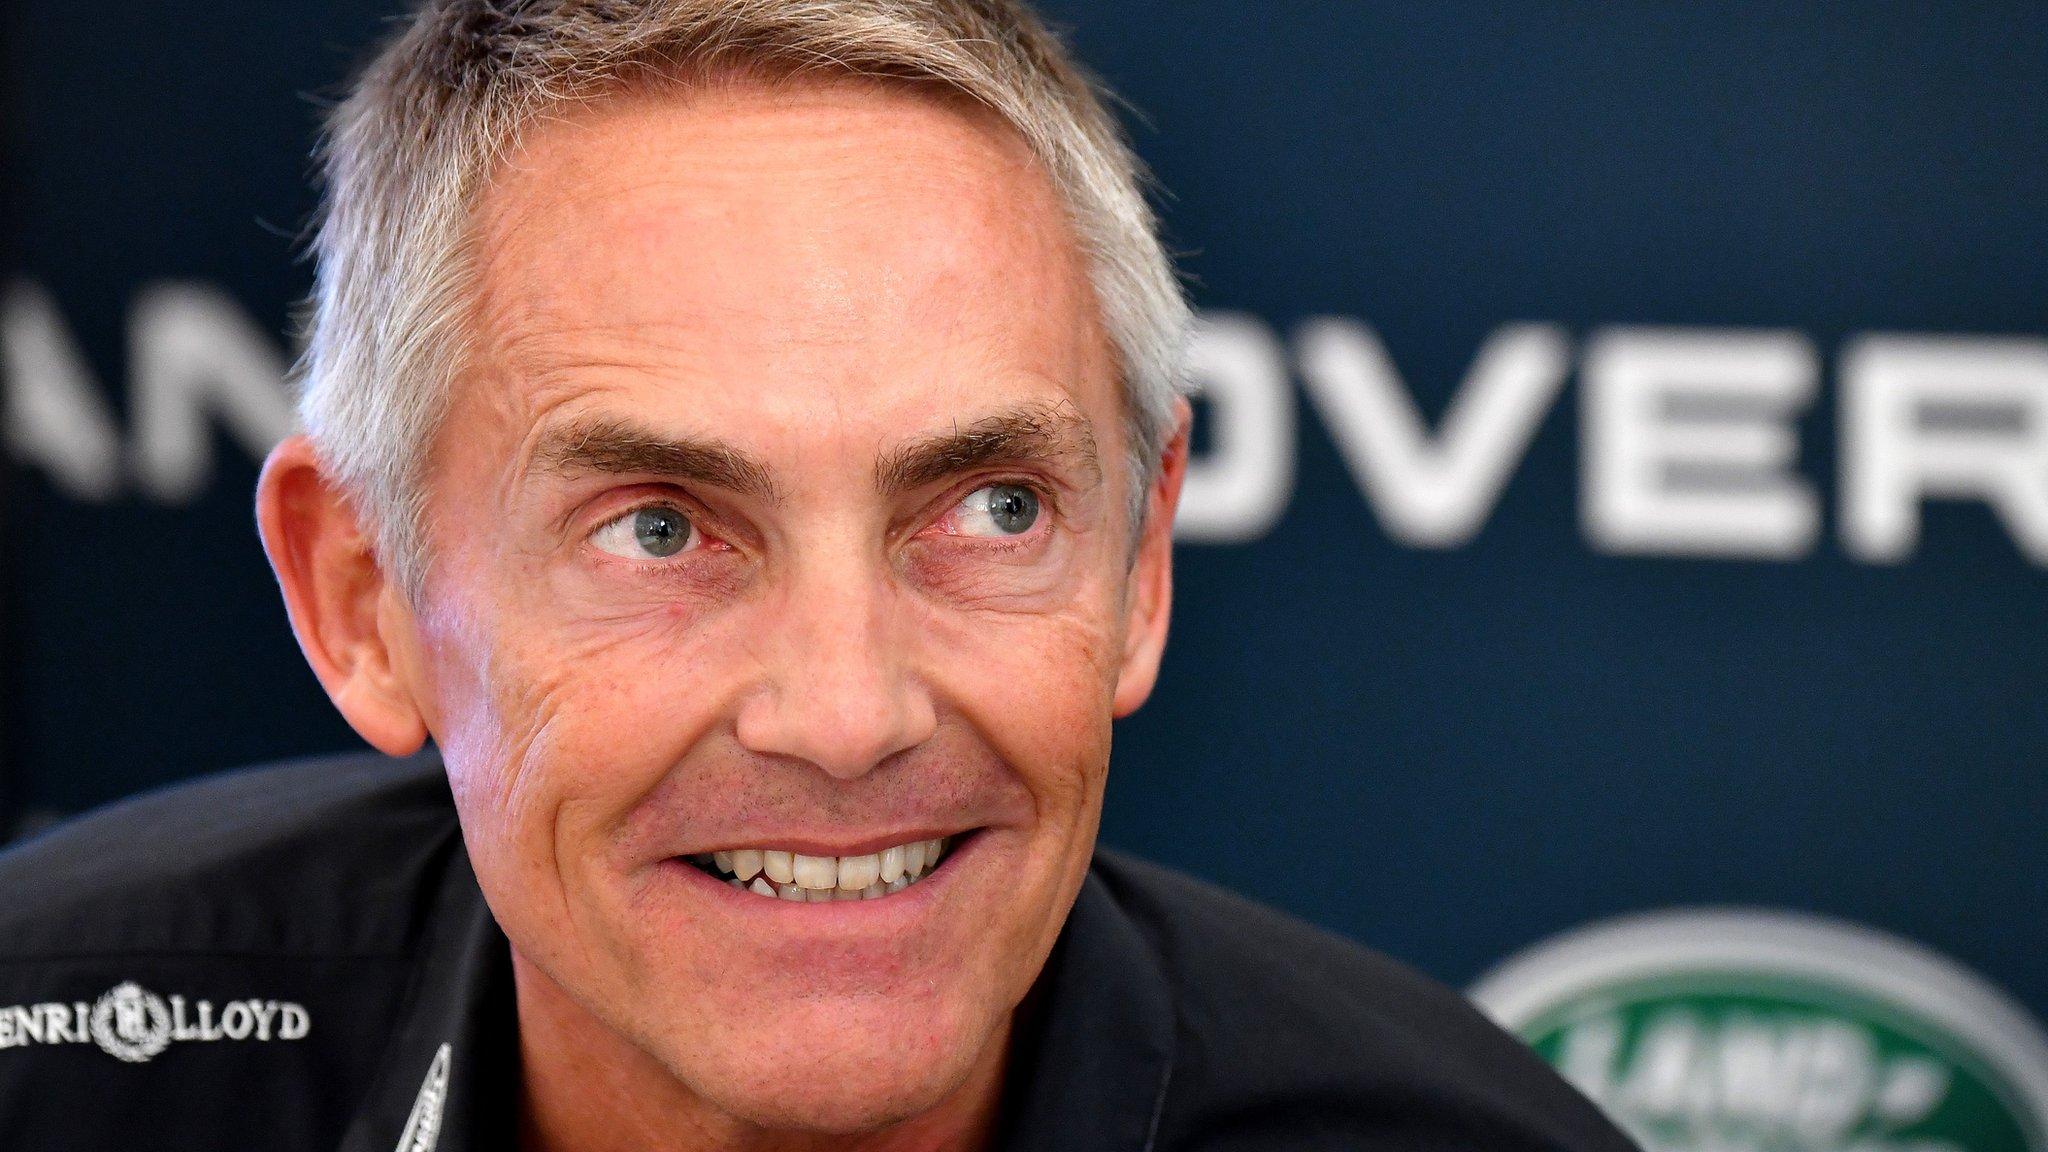 Ex-McLaren boss Whitmarsh returning to F1